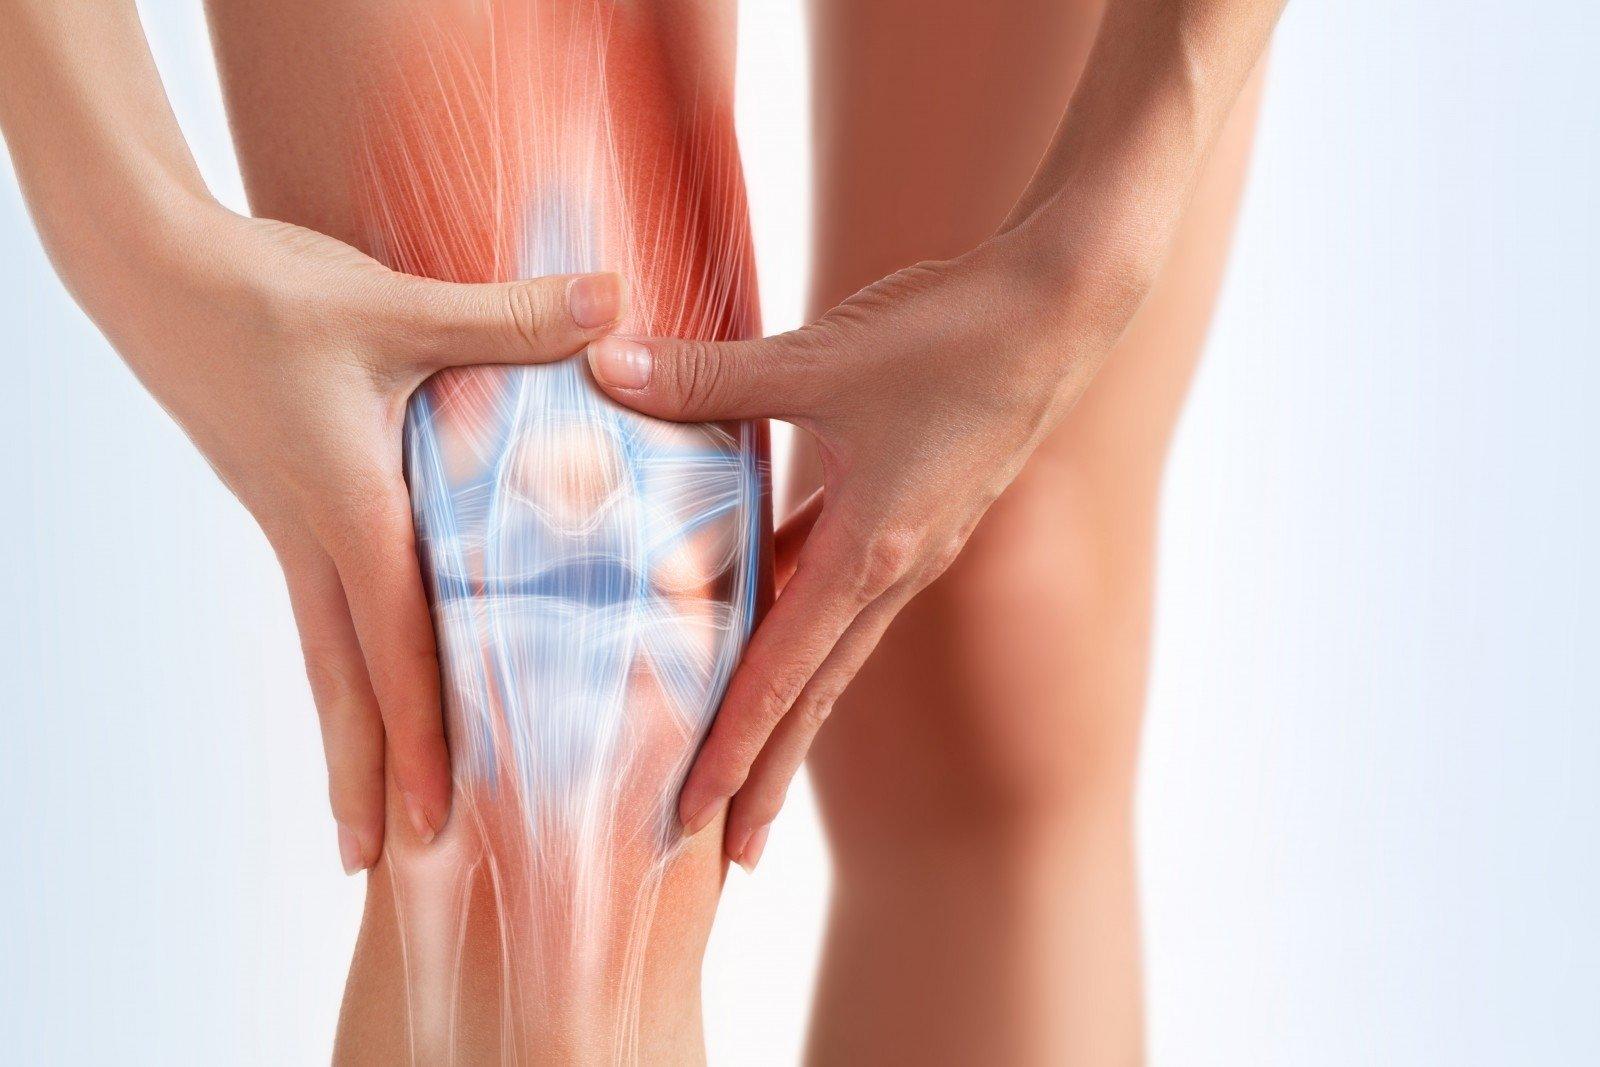 artritas pėdos sąnarių atsiliepimus pašalinti skausmas bendrą neryškus